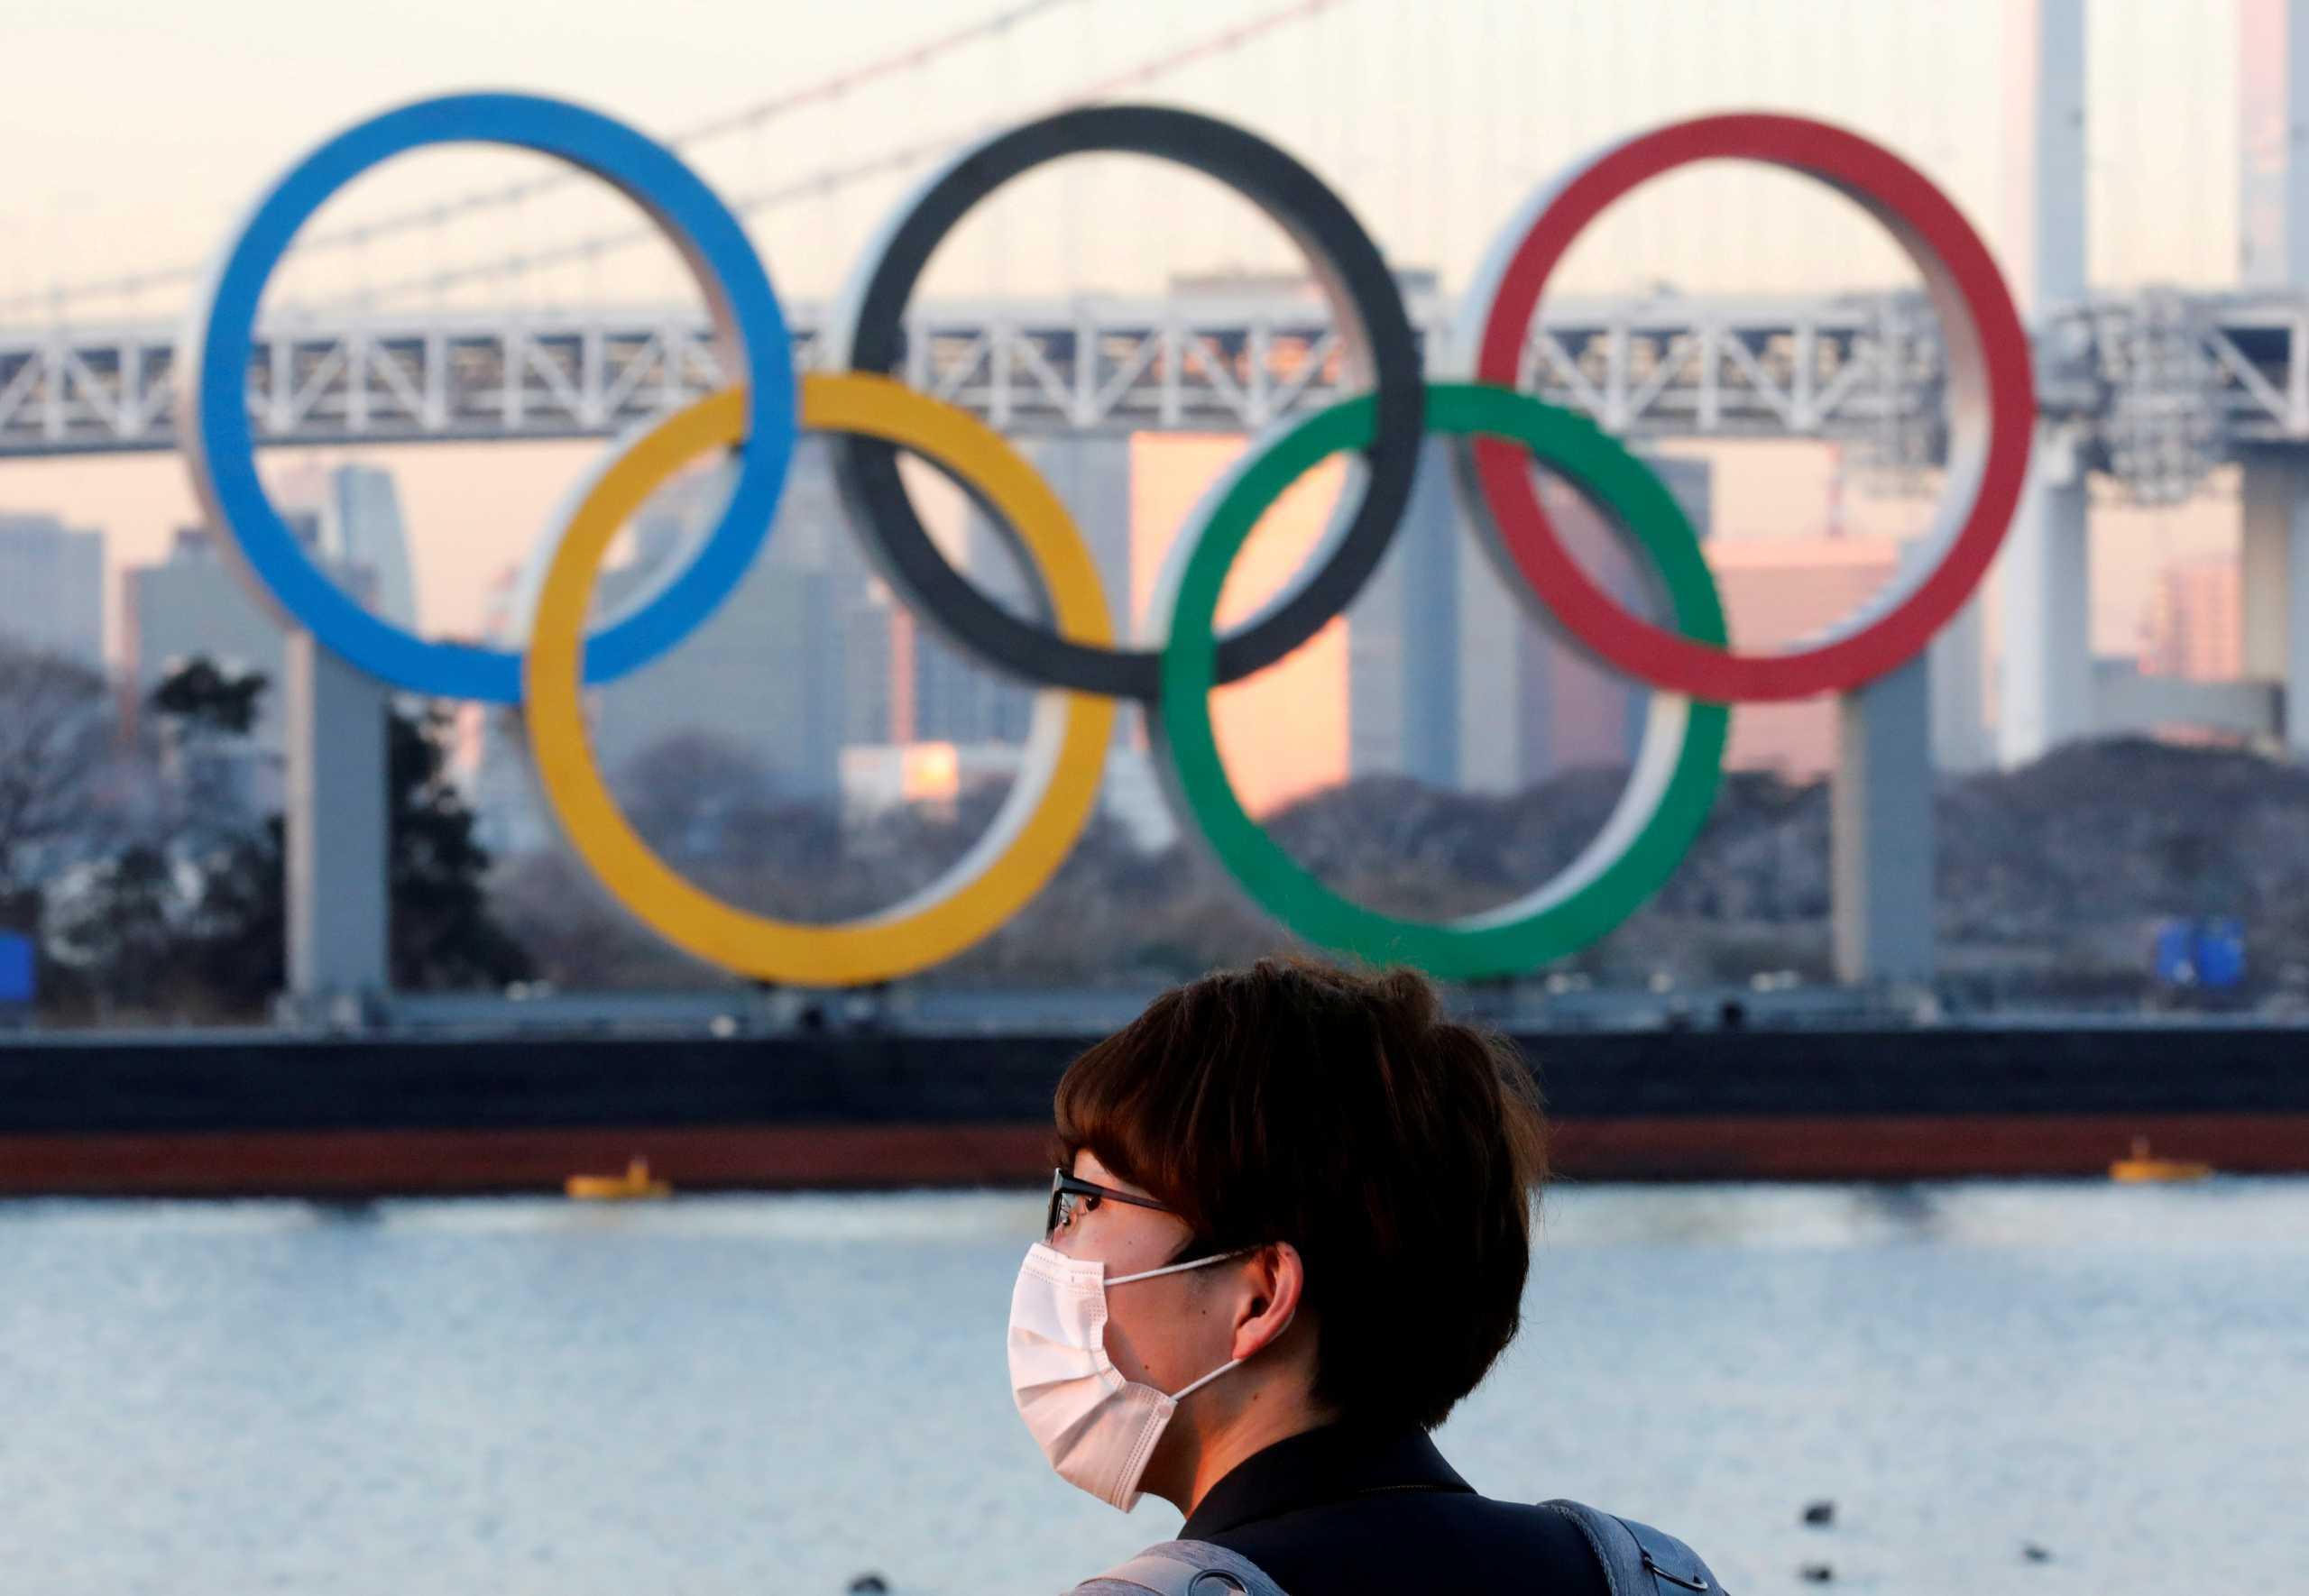 Κορονοϊός: Η Ιαπωνία πιθανόν να μην αποκτήσει ανοσία της αγέλης μέχρι τους Ολυμπιακούς